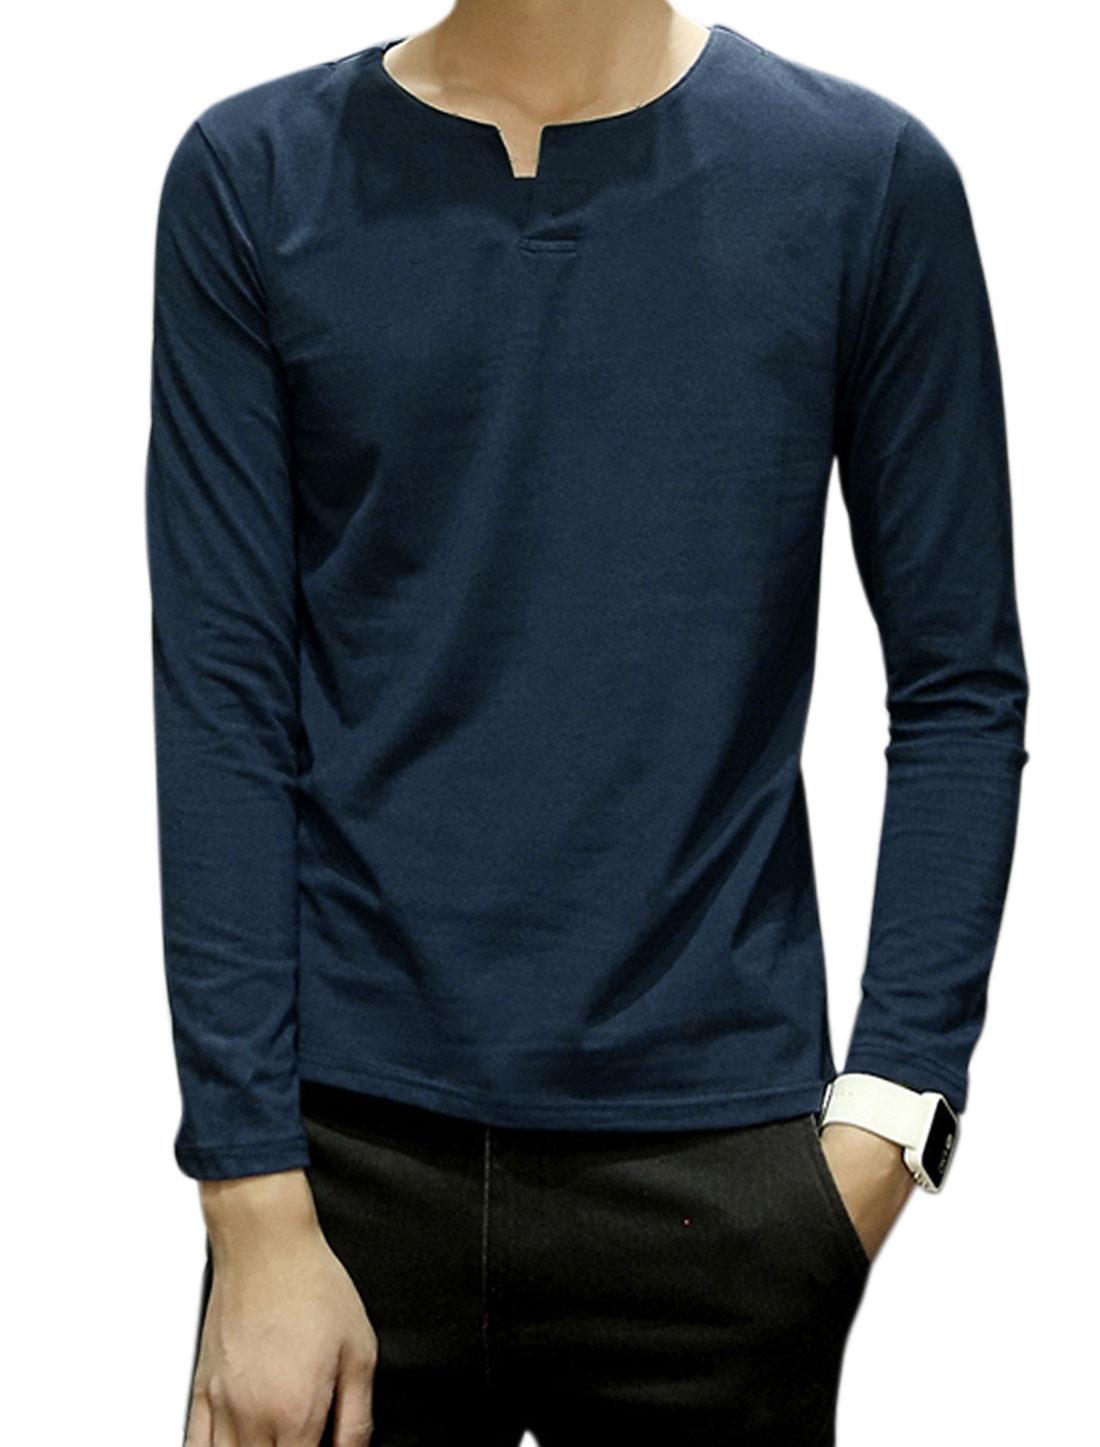 Men Split Neck Long Sleeves Button Upper Tee Shirt Blue M